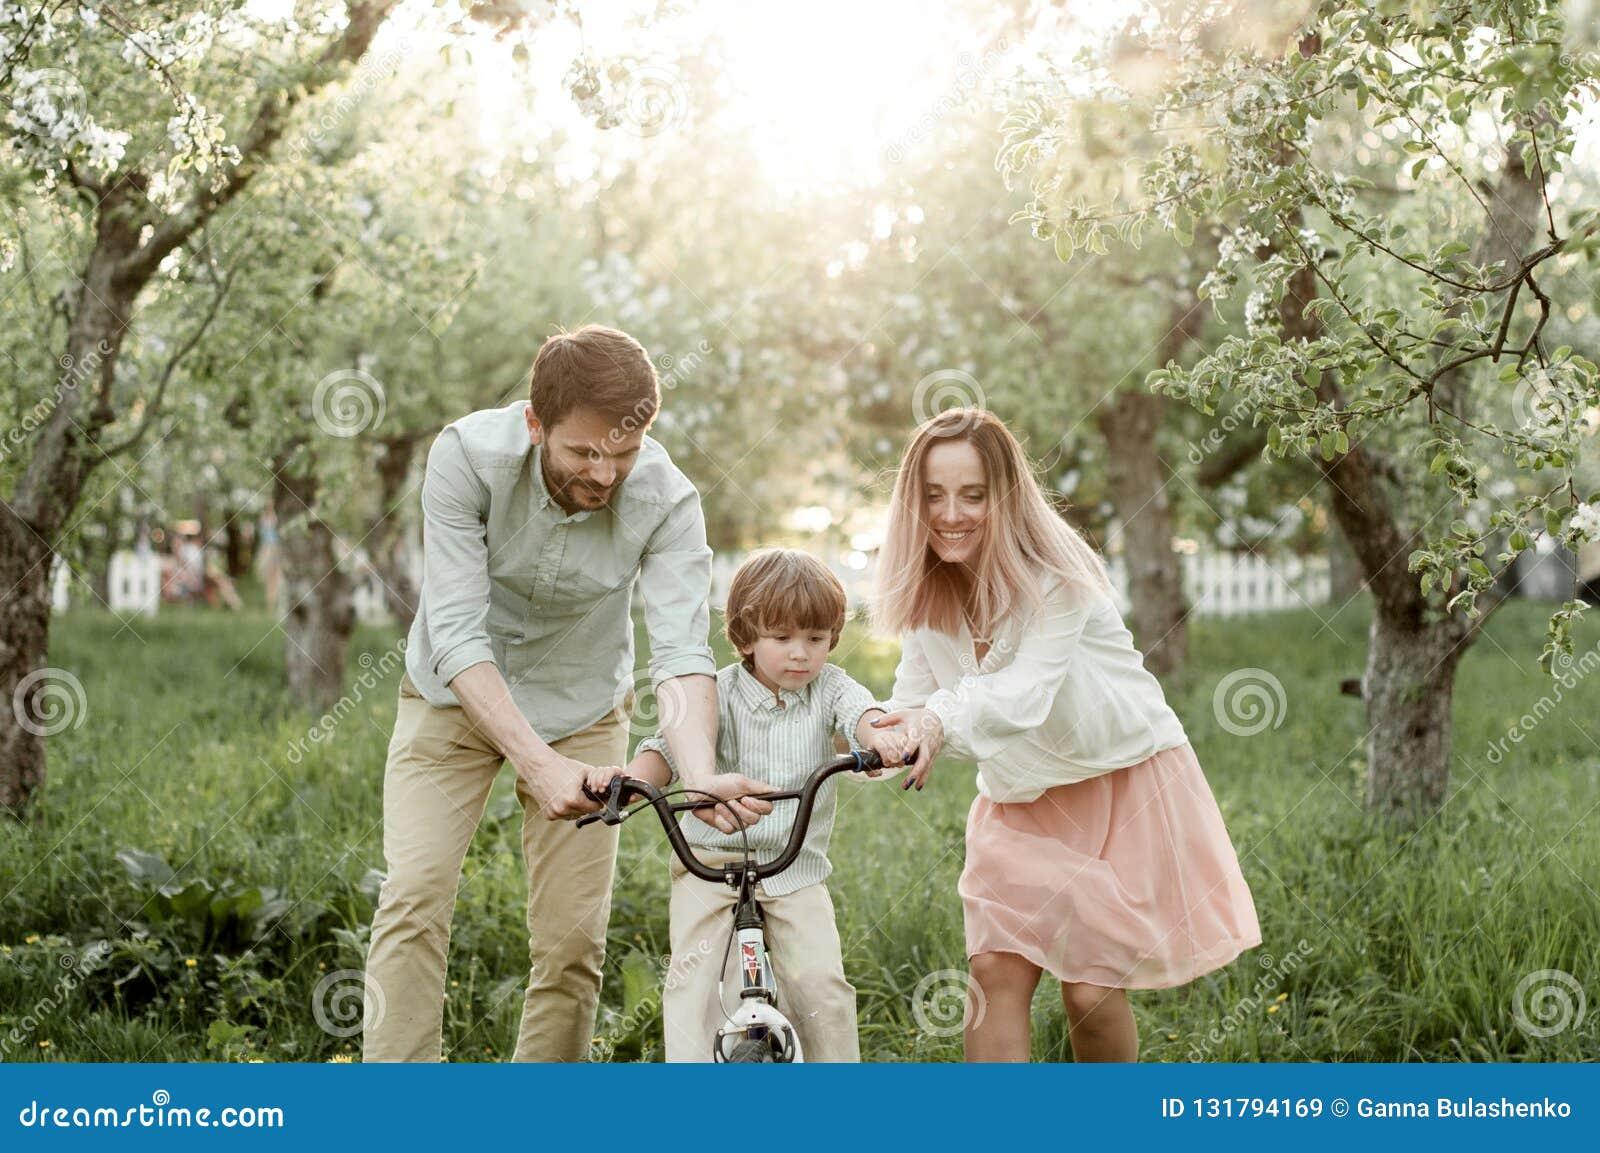 Junge Mutter und Vati unterrichten ihren Sohn, ein Fahrrad zu reiten